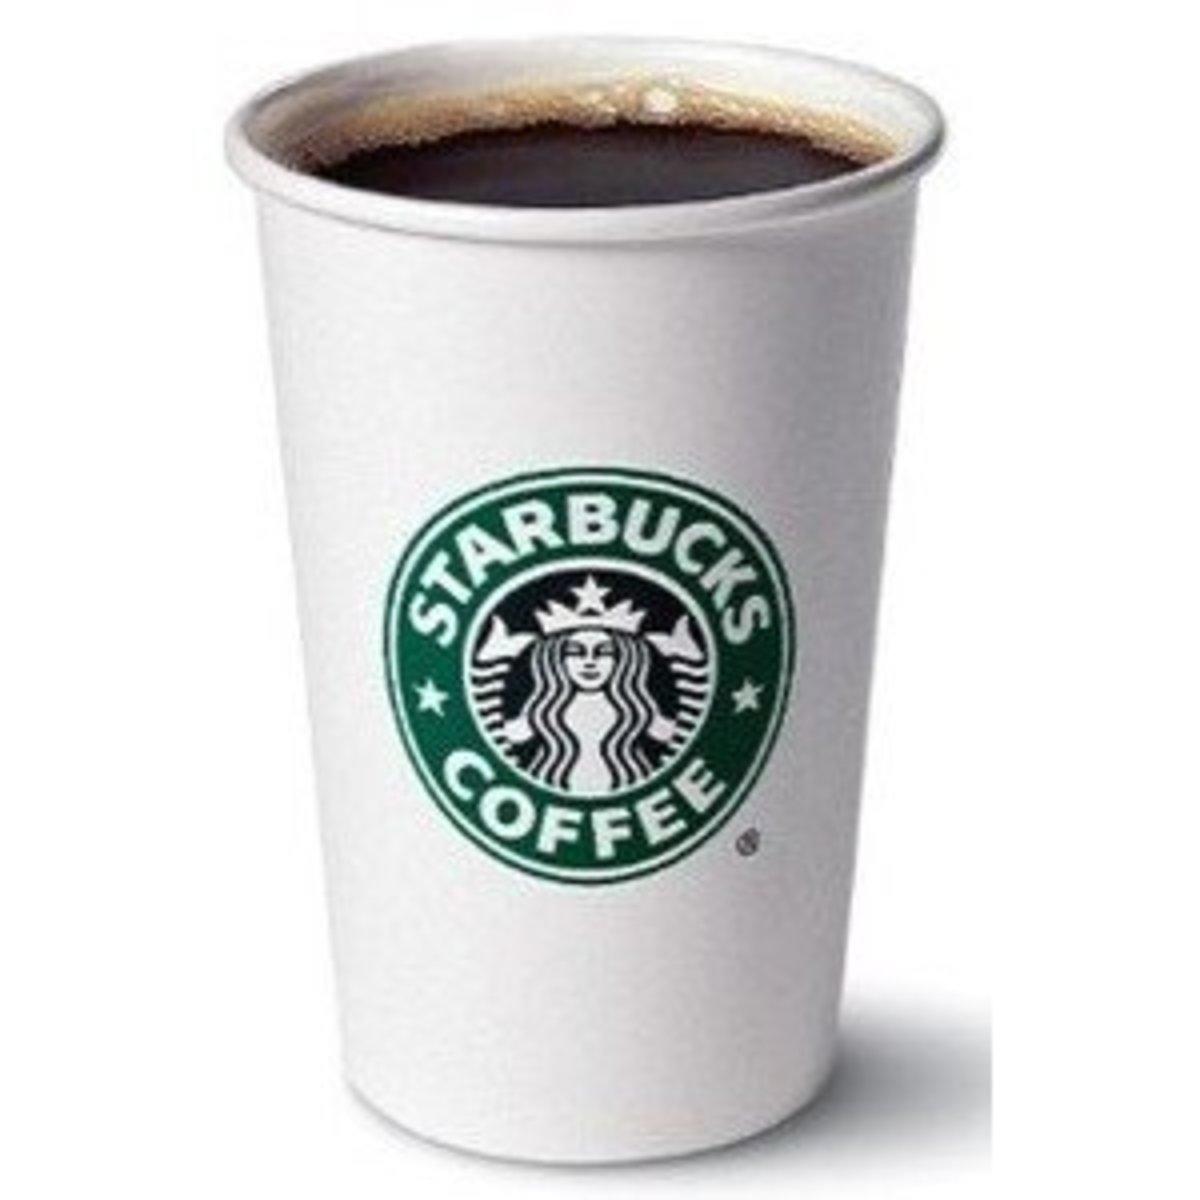 My Morning Drink